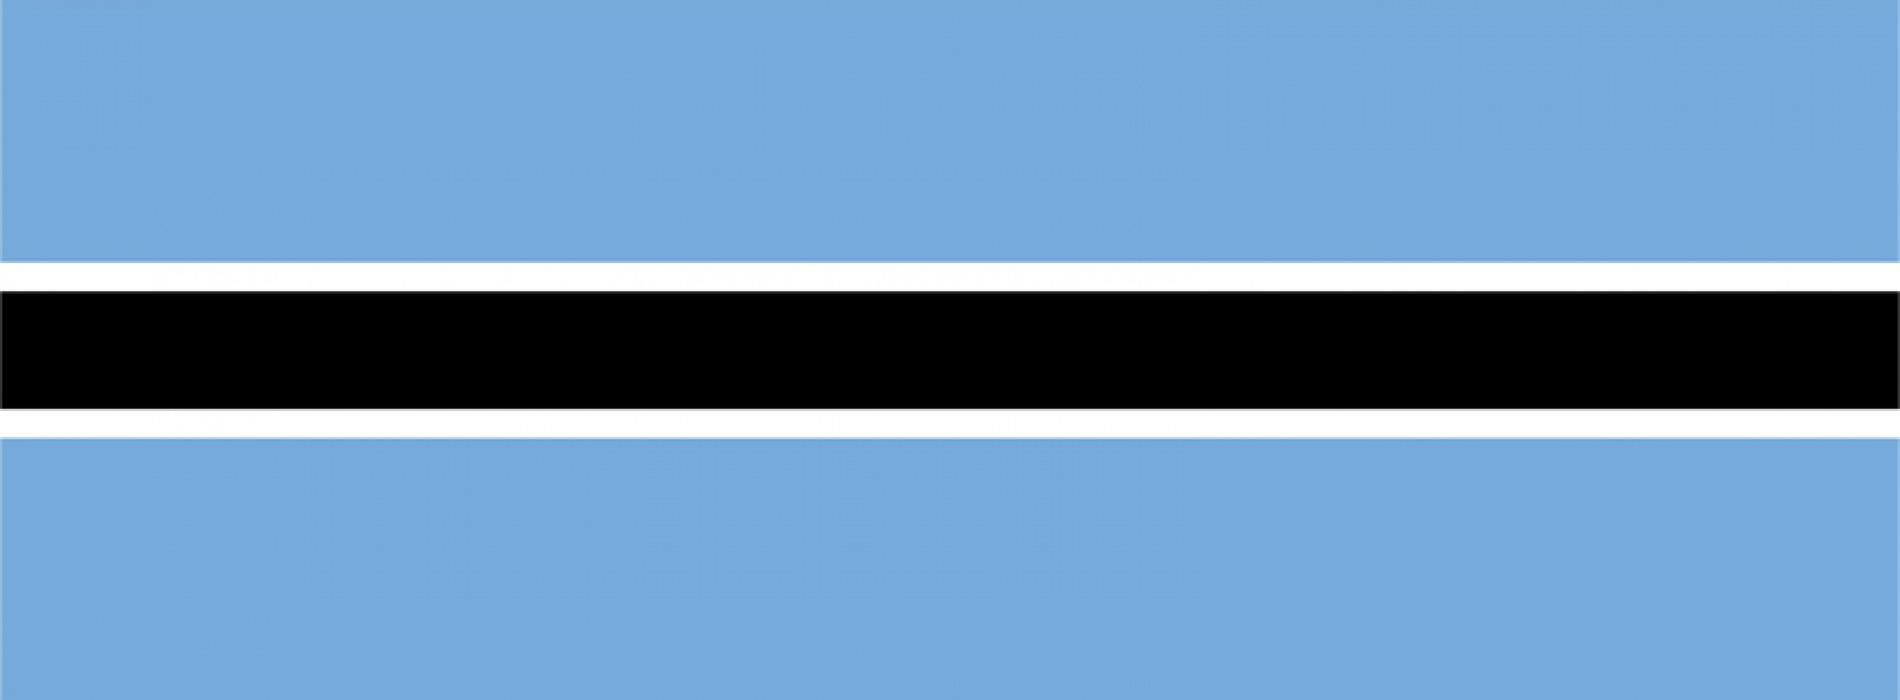 Botswana Visa